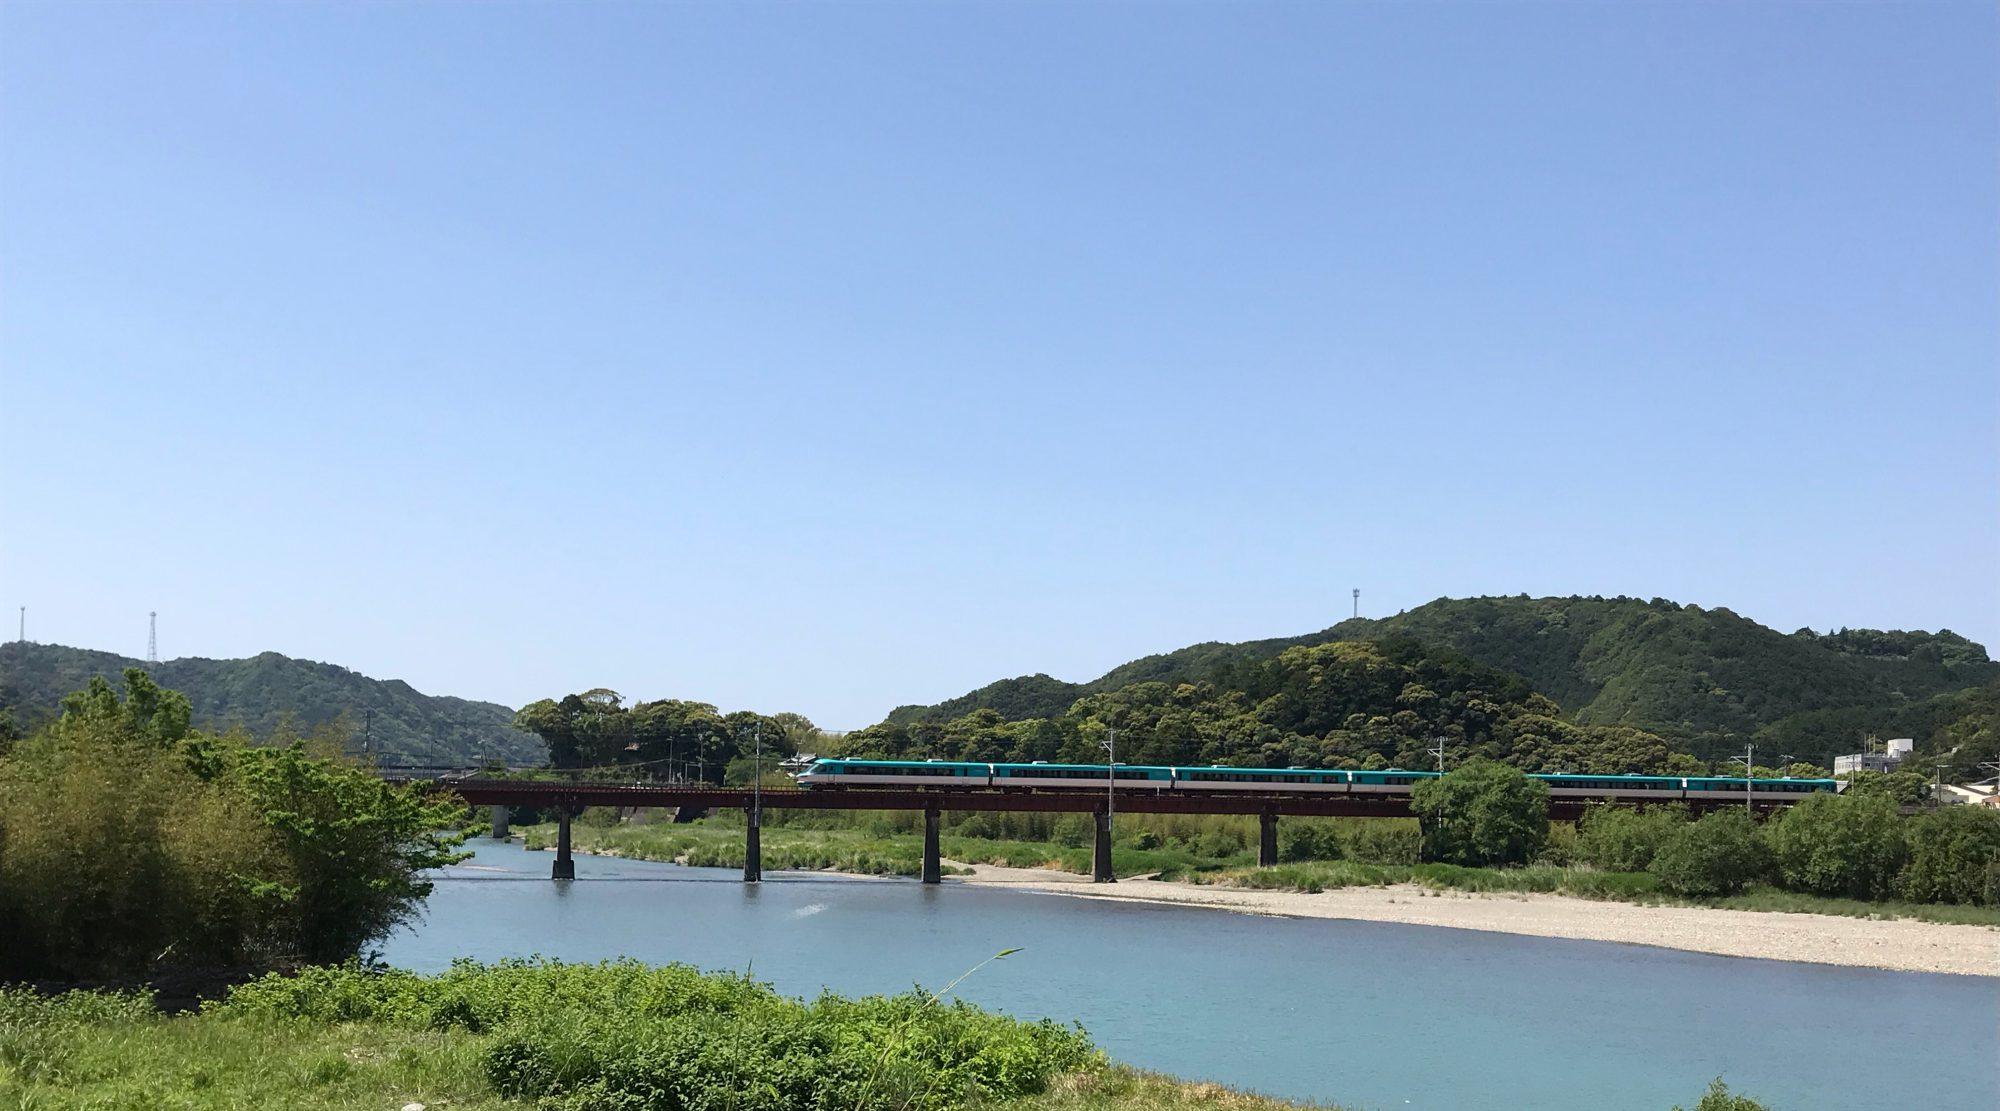 日置川の民泊:安宅水軍の縁の地